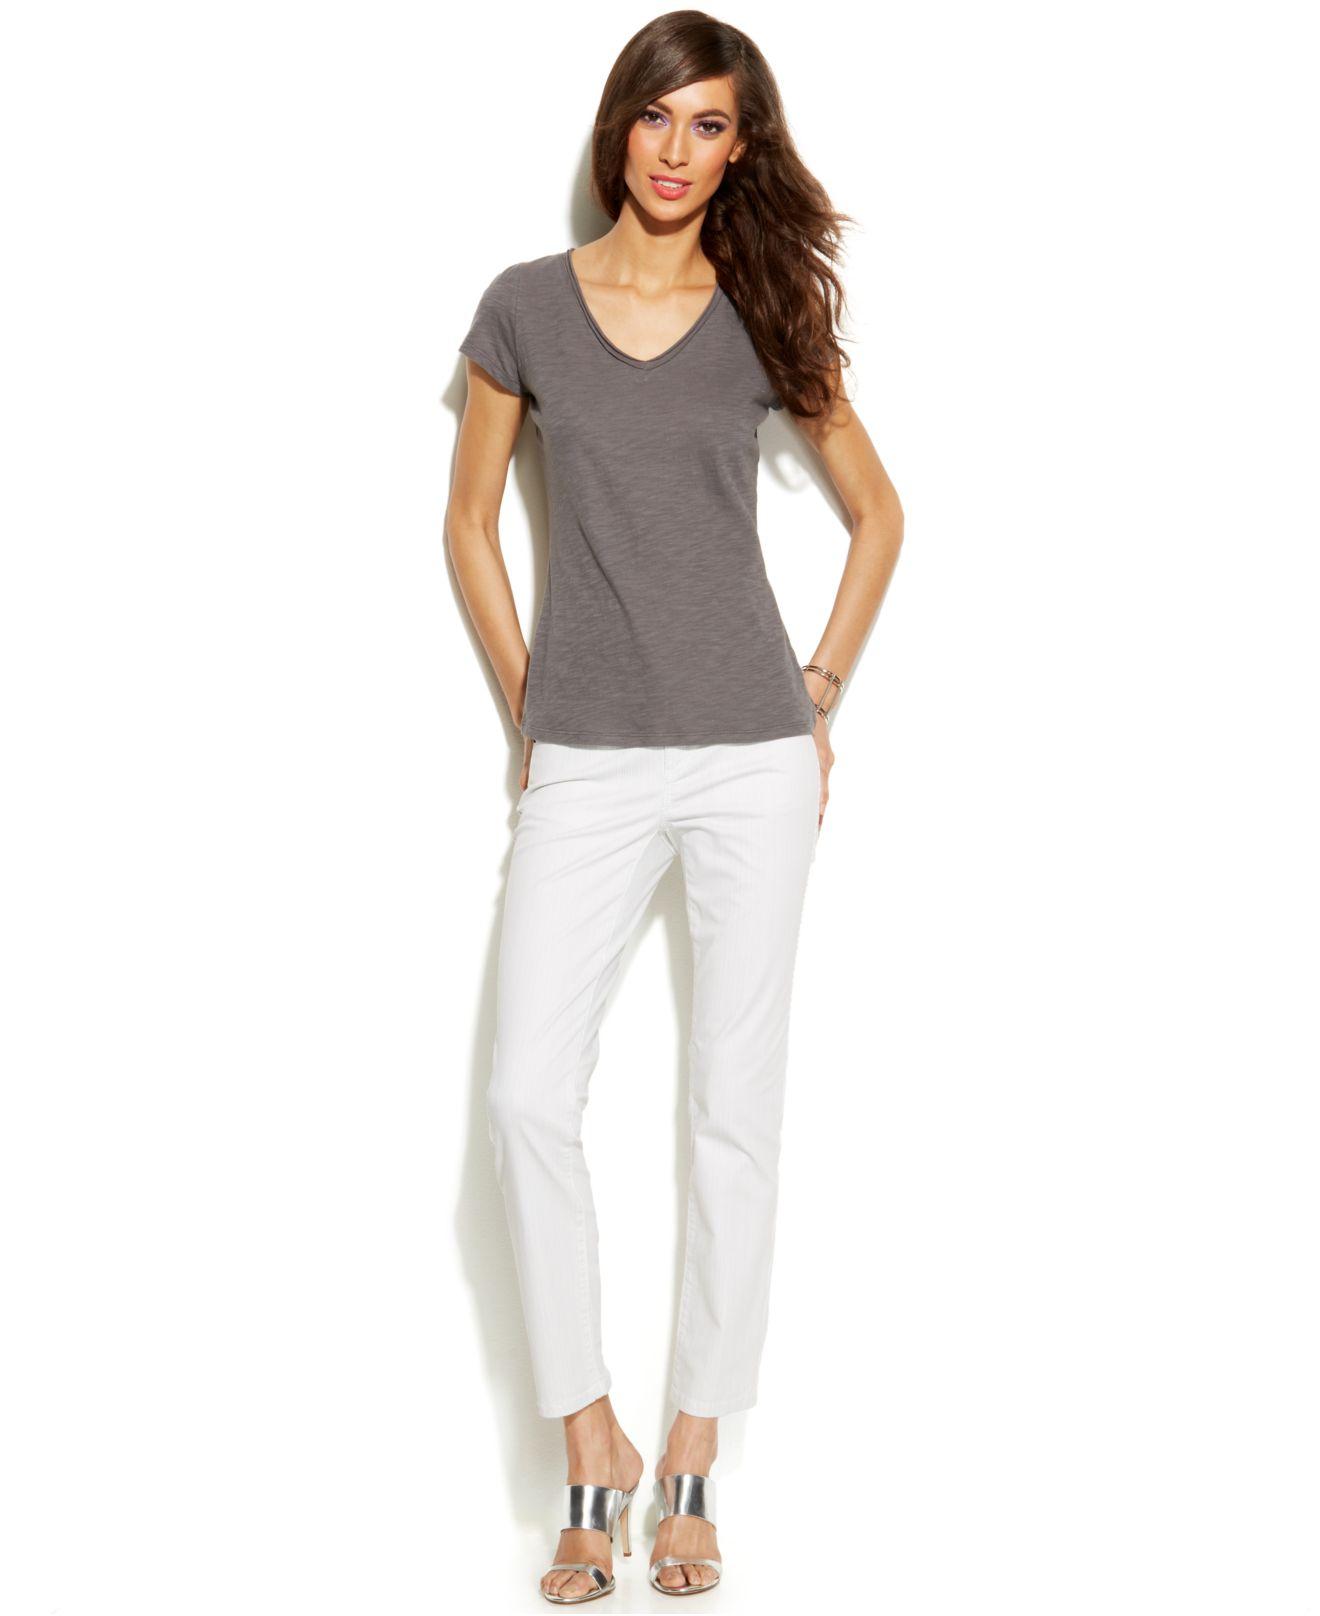 Inc Plus Size Jeans